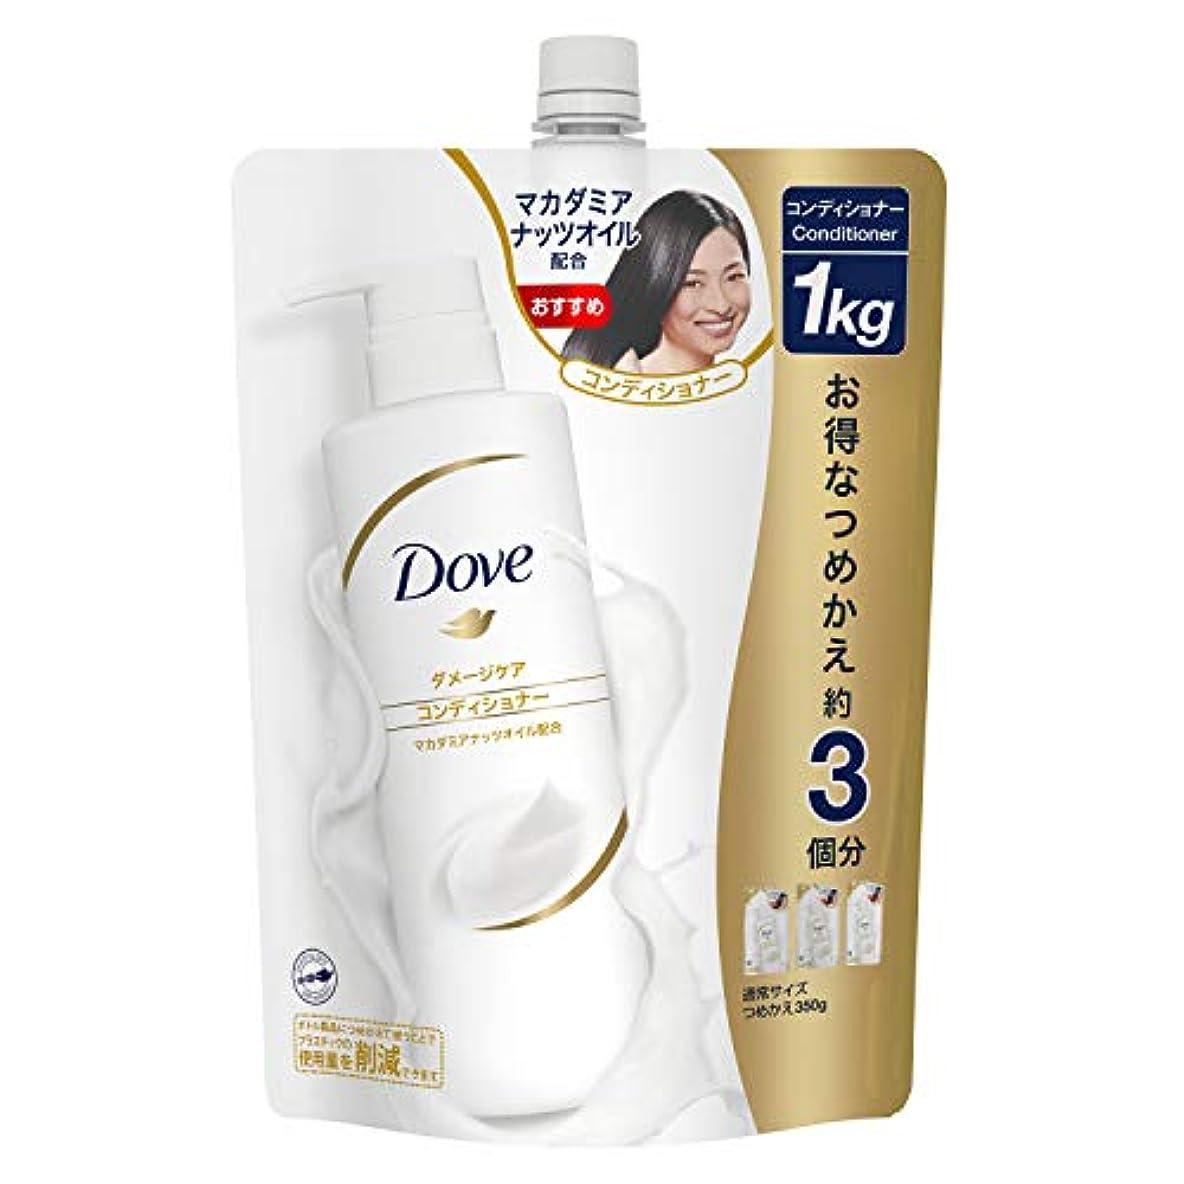 統計ヒュームアルコール【大容量】 Dove ダヴ ダメージケア コンディショナー つめかえ用 1kg